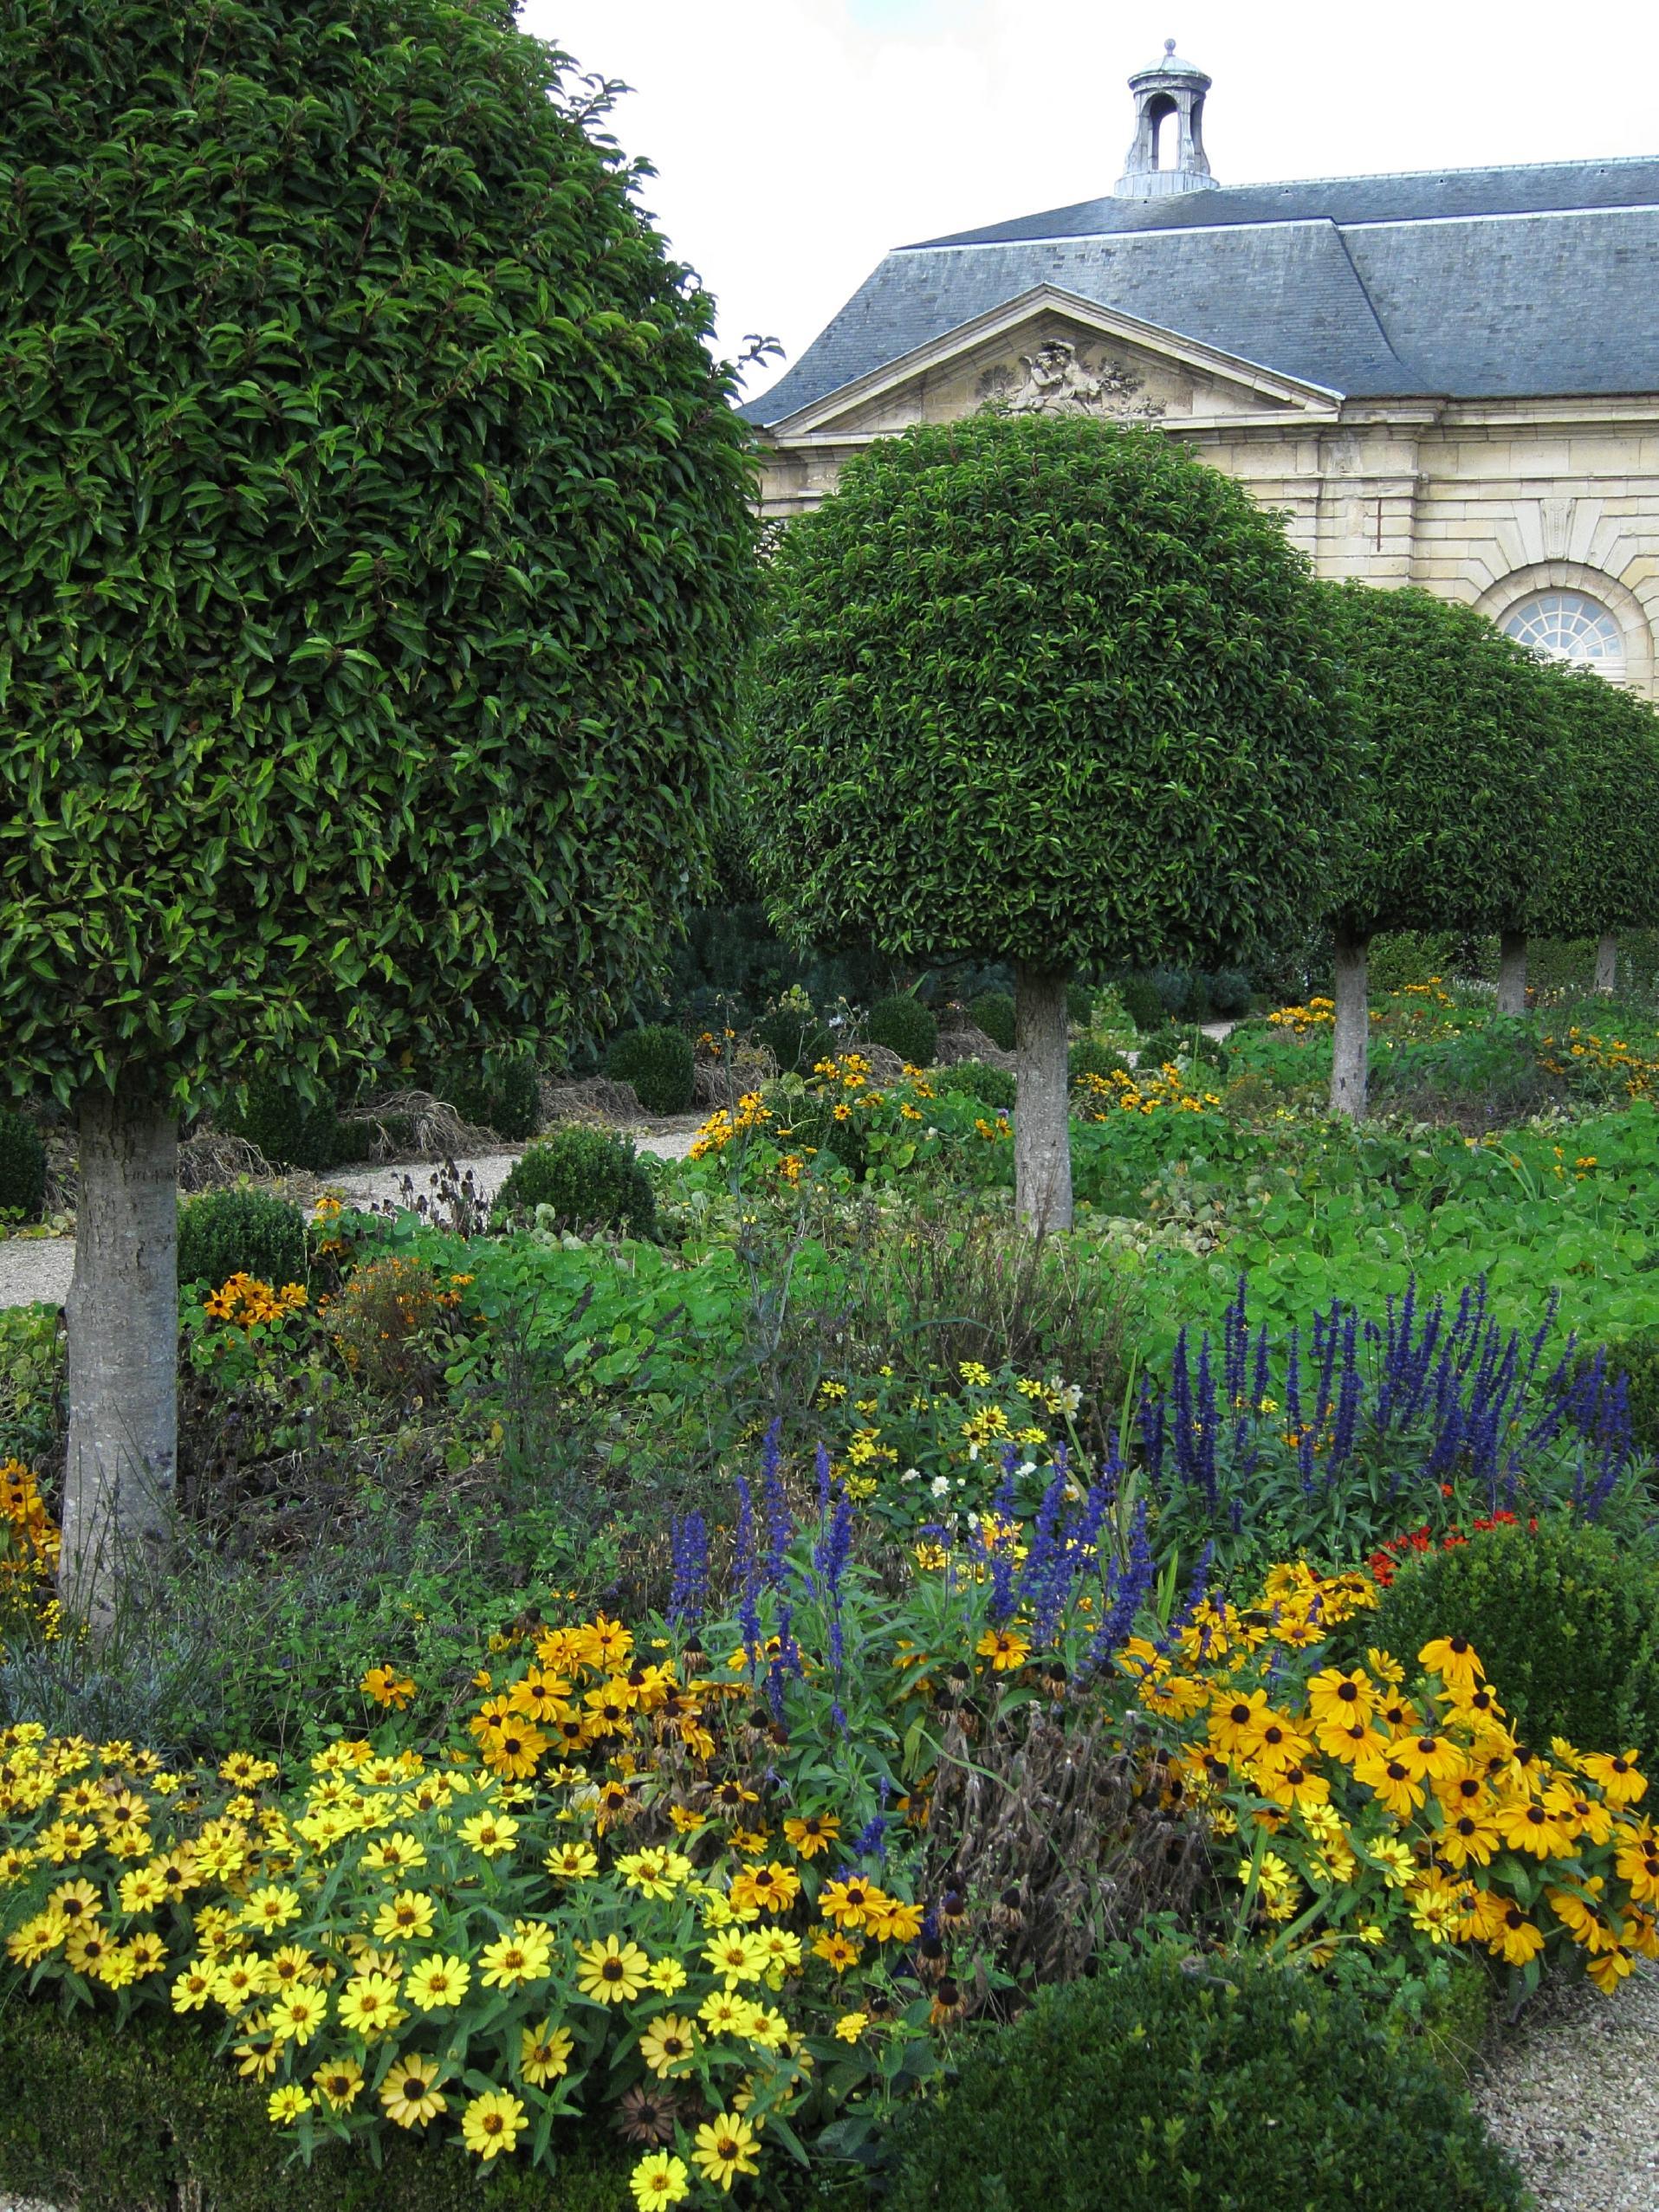 Fall Flowers, Parc de Sceaux